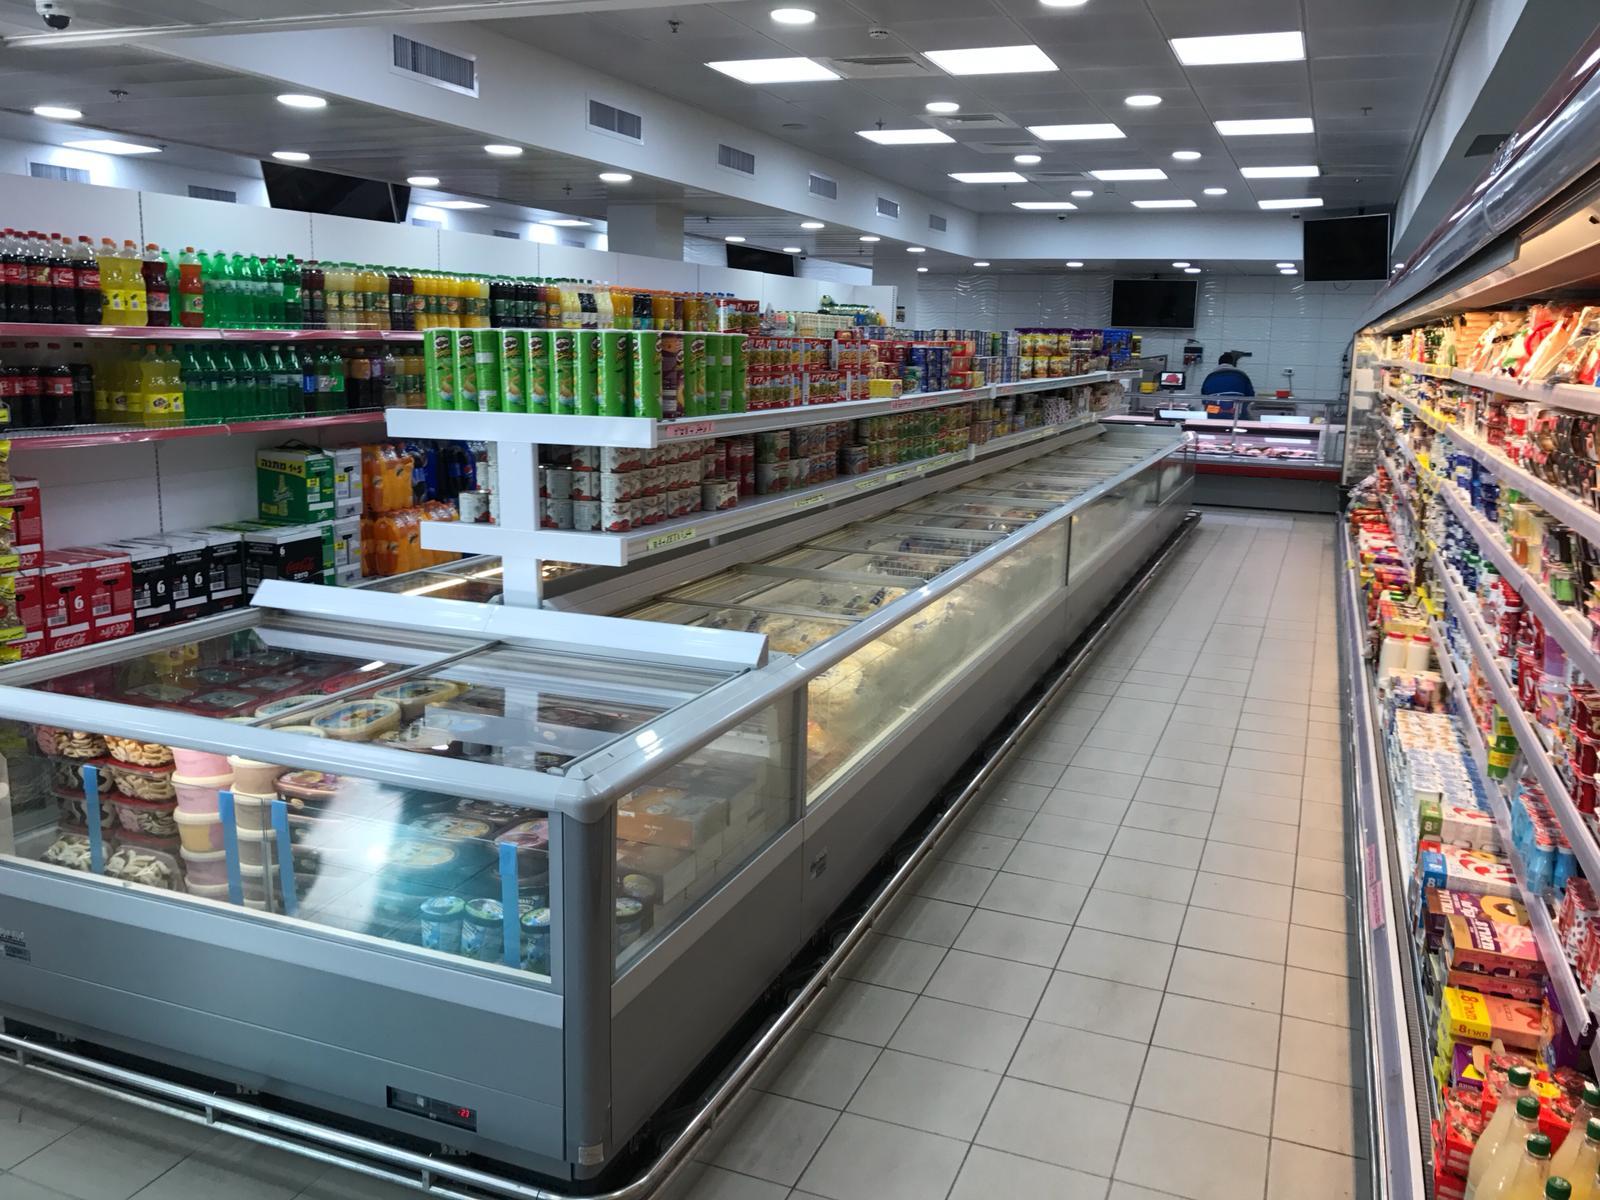 פרויקט מרכז המזון אלואחה (4)